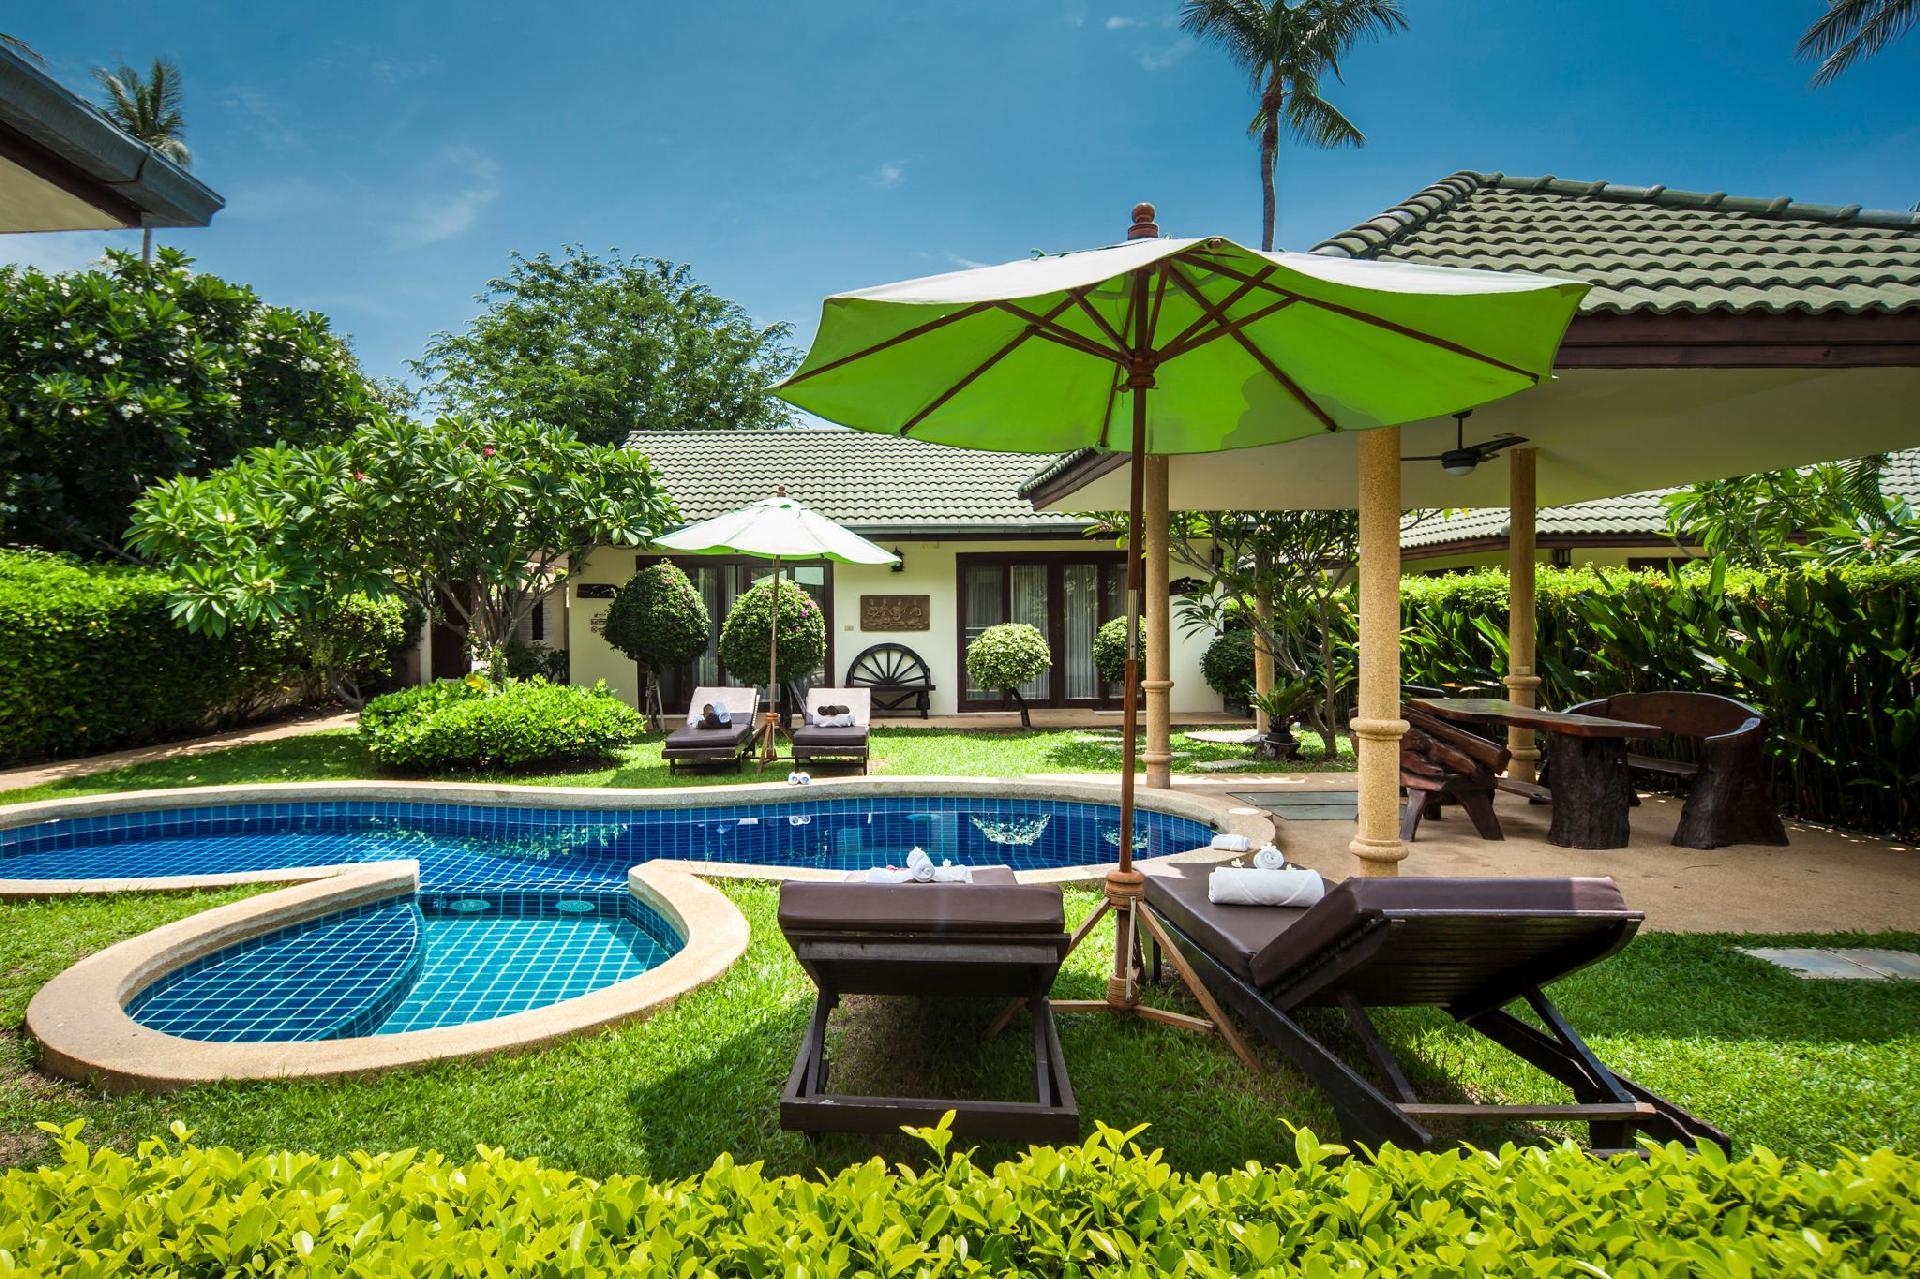 Ferienhaus mit Privatpool für 6 Personen ca.   in Thailand